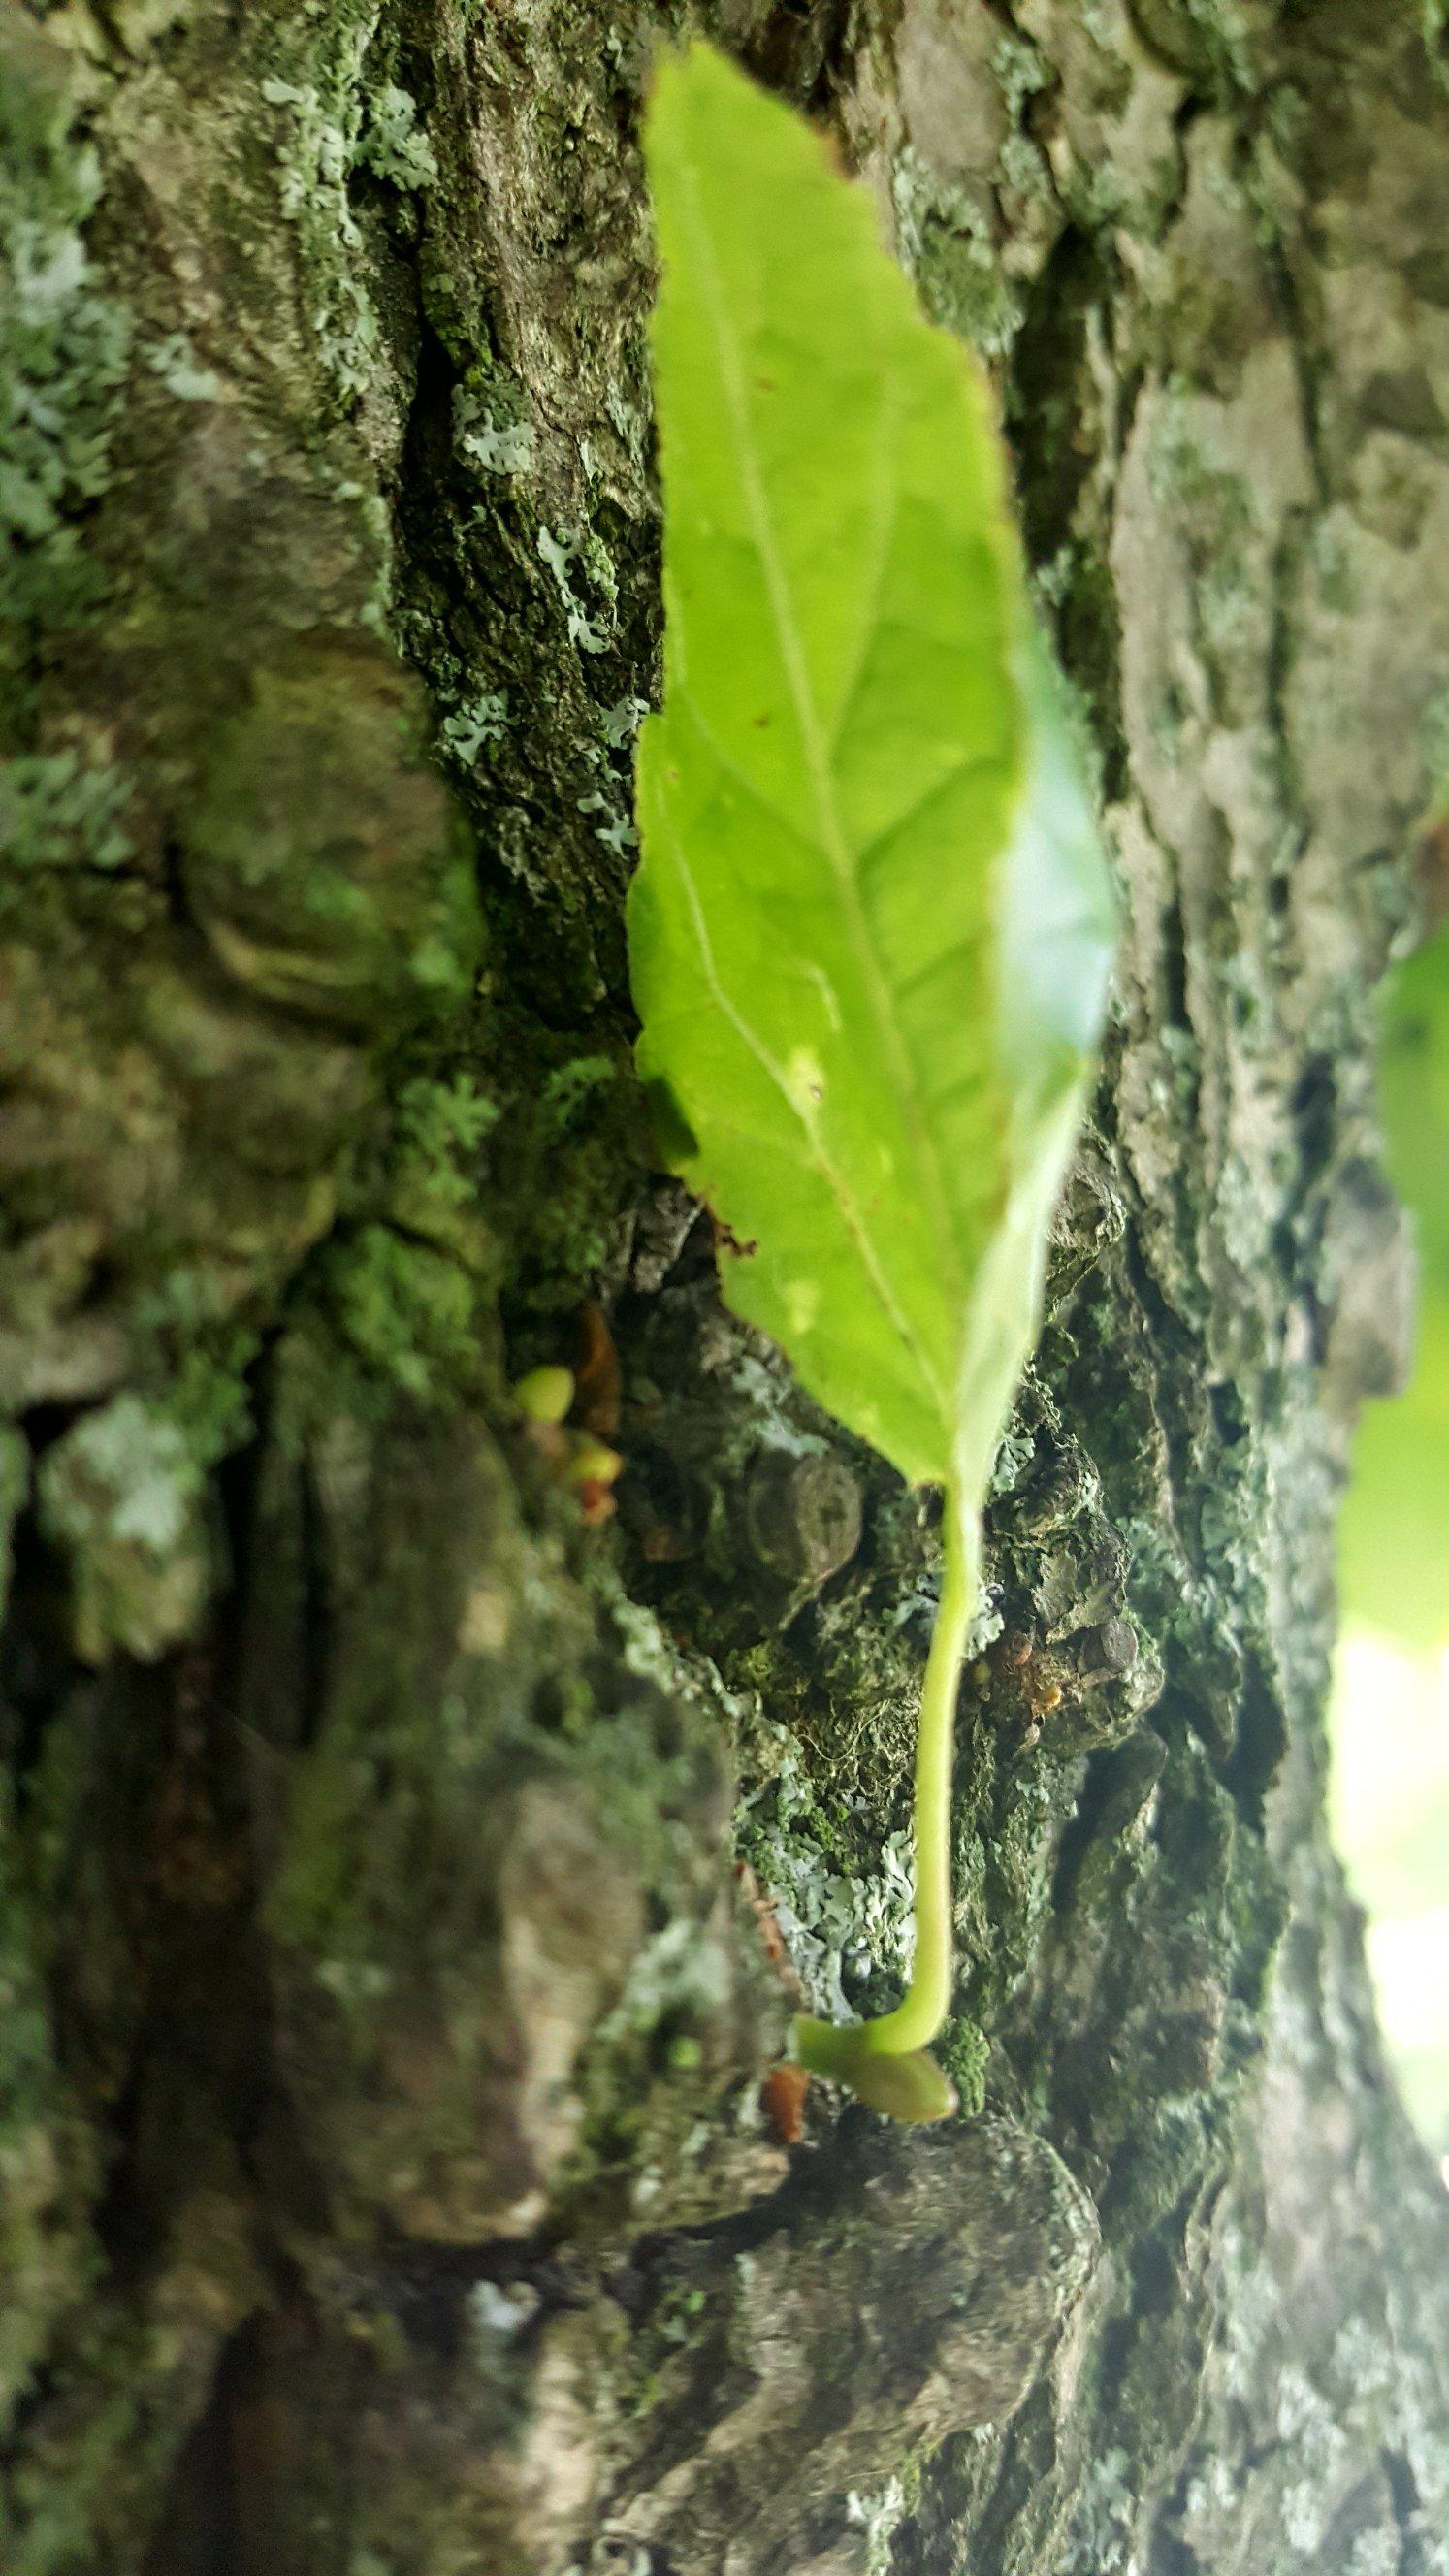 Broto na árvore